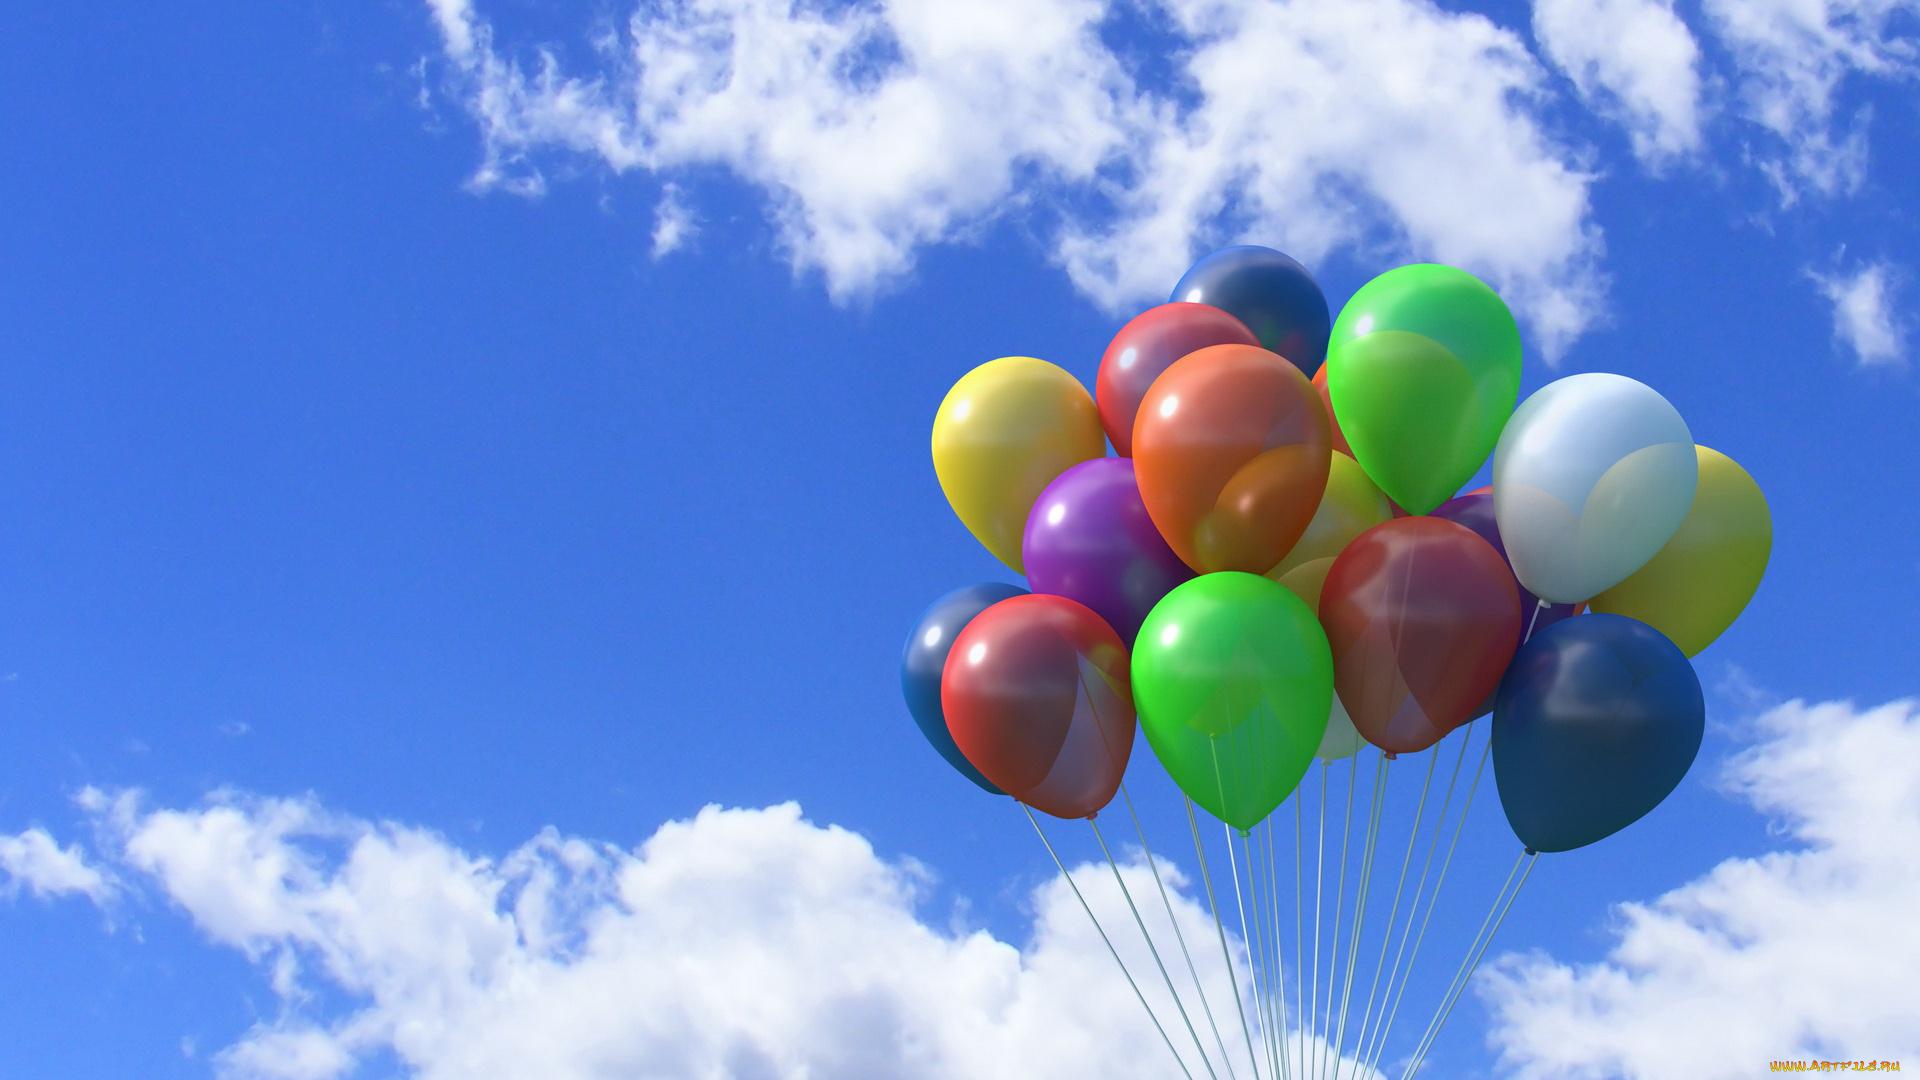 красочные сладкие шарики  № 972869 бесплатно